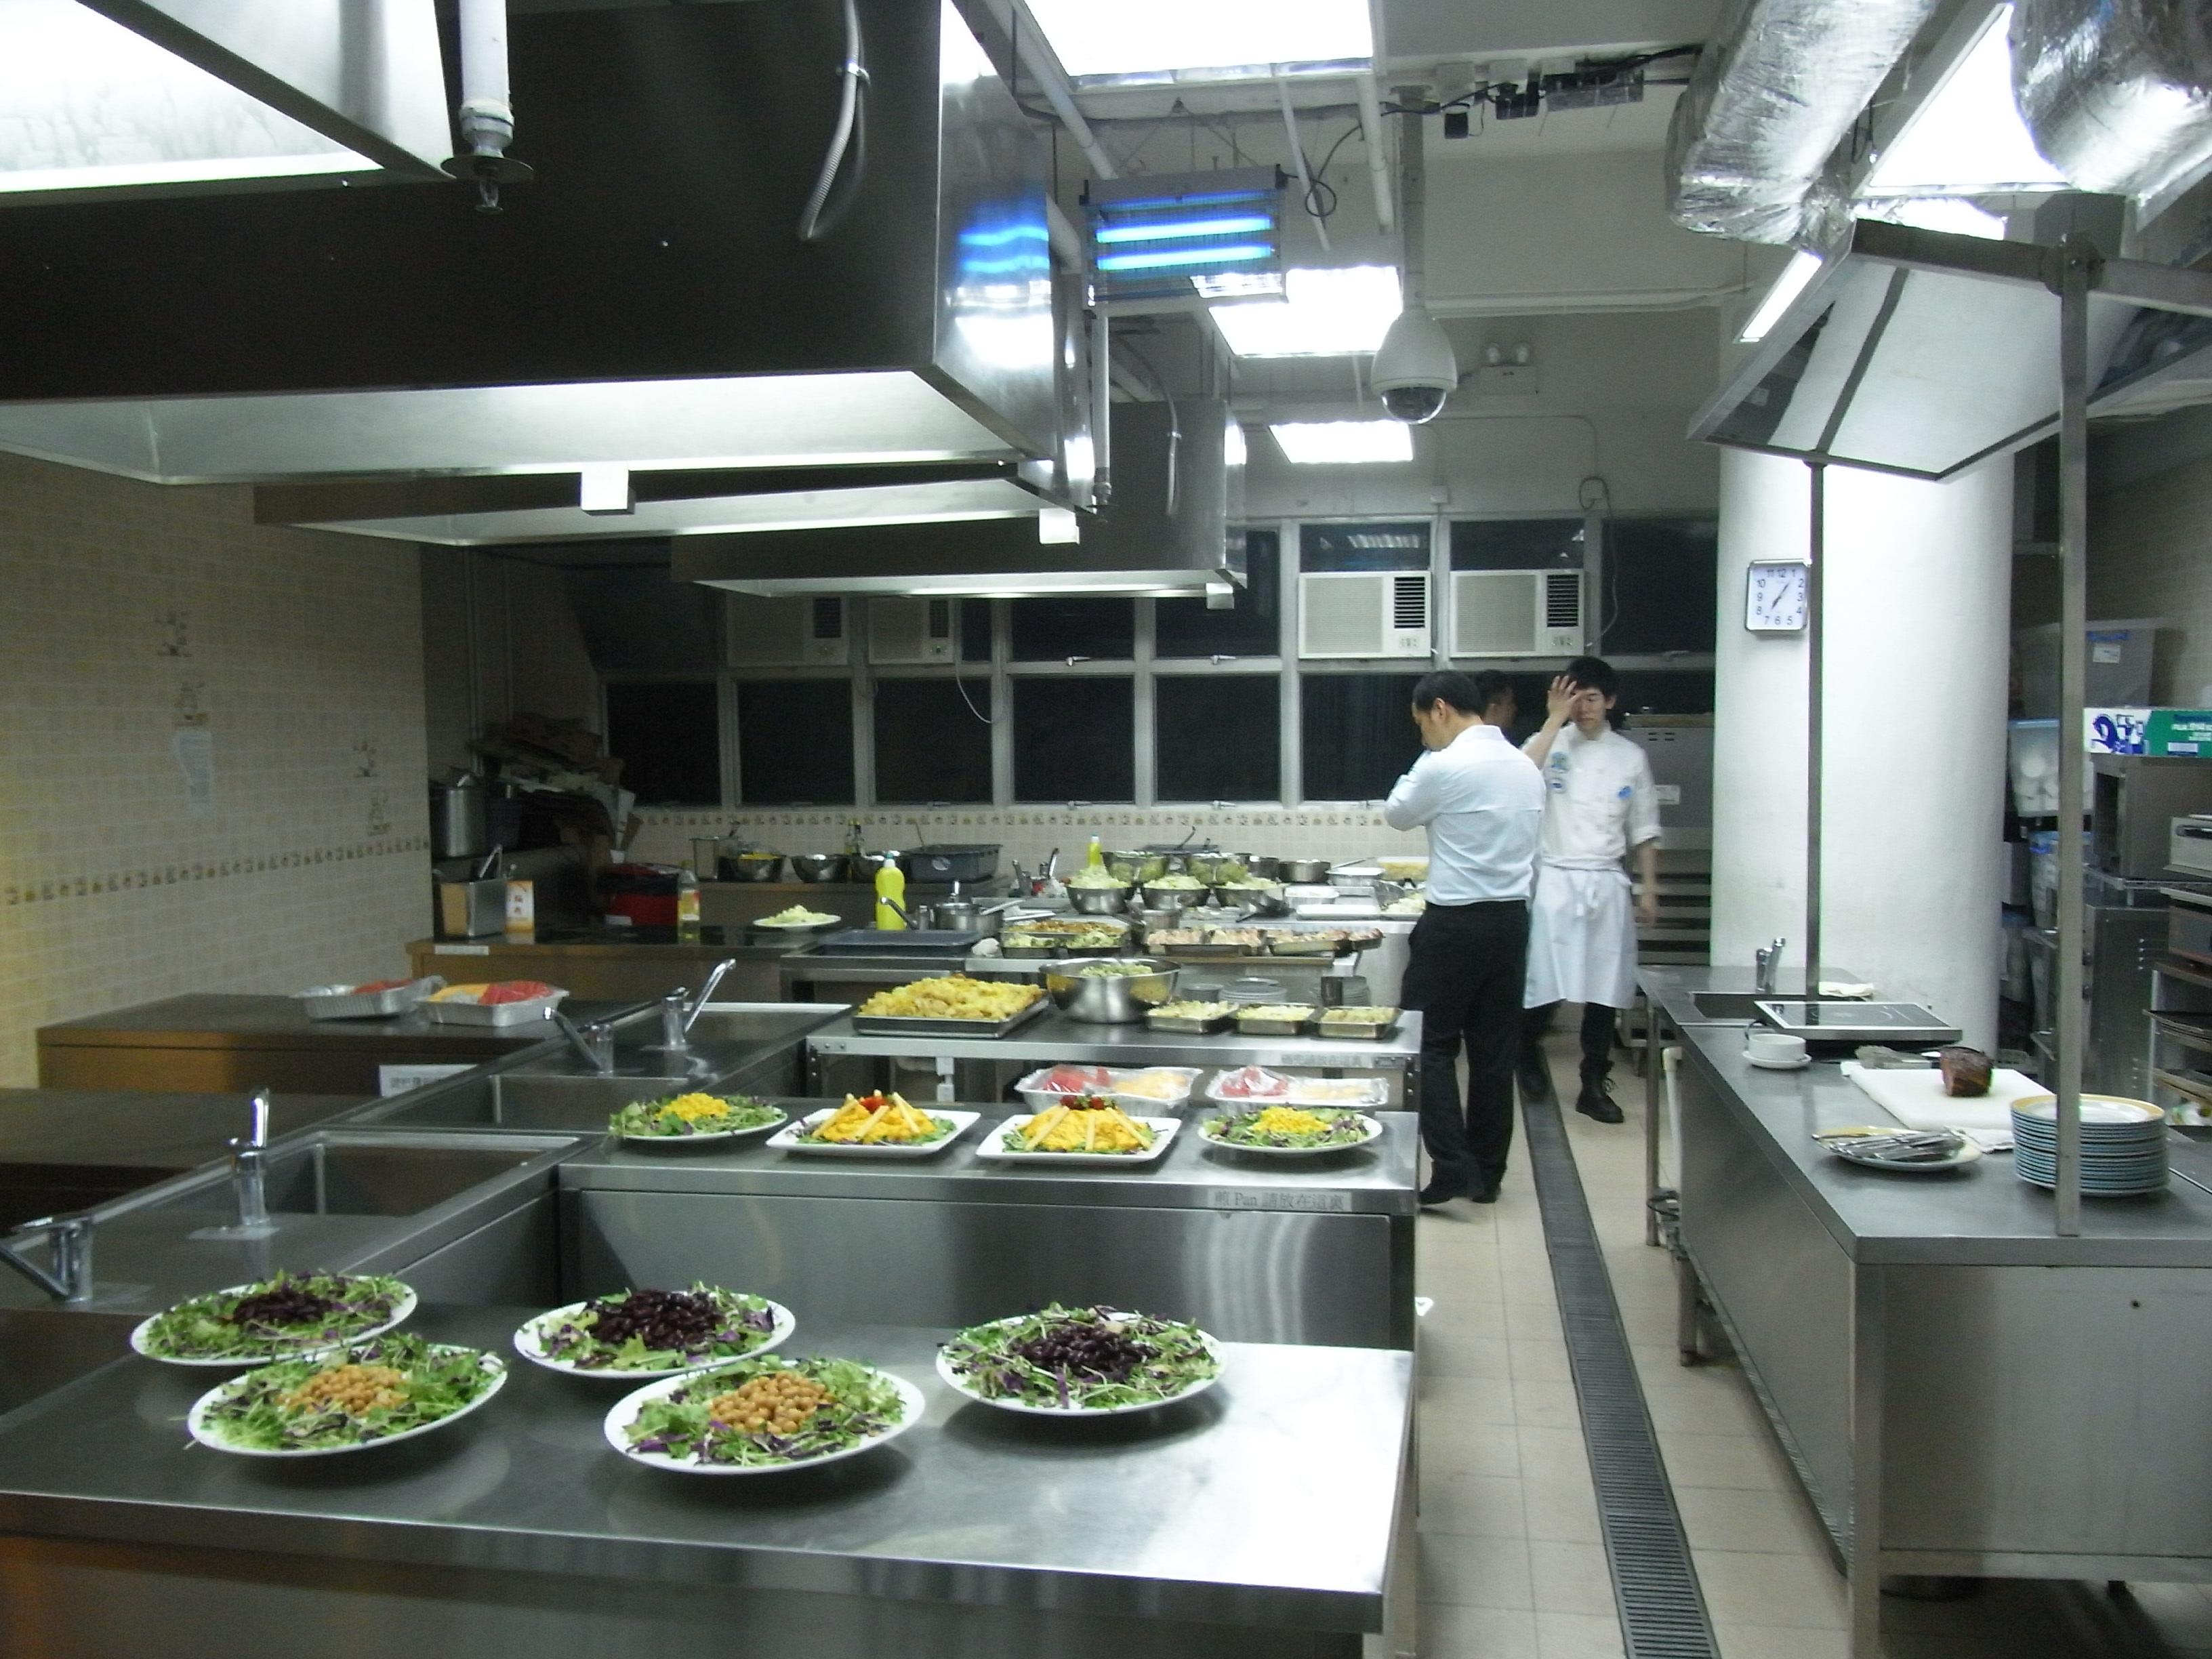 Distribuci n de una cocina industrial el comprador online for Plano de una cocina profesional